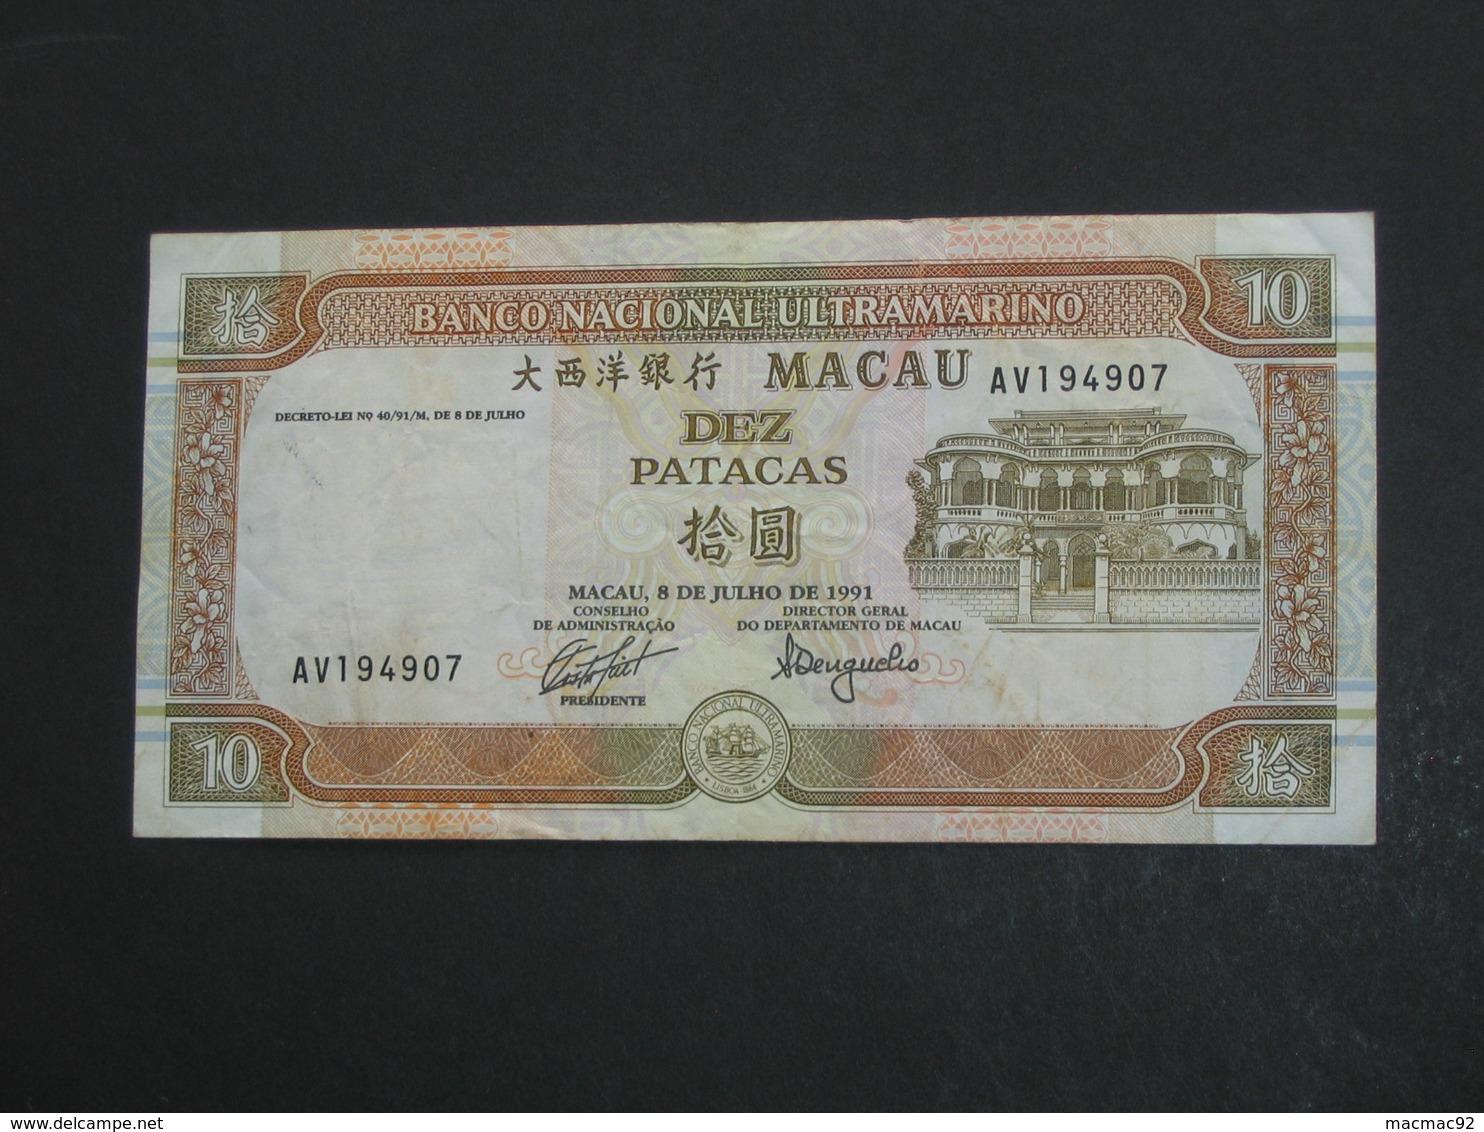 10 Dez Paacas MACAU - 1981-1984 - Banco Nacional Ultramarino    **** EN  ACHAT IMMEDIAT  **** - Macao